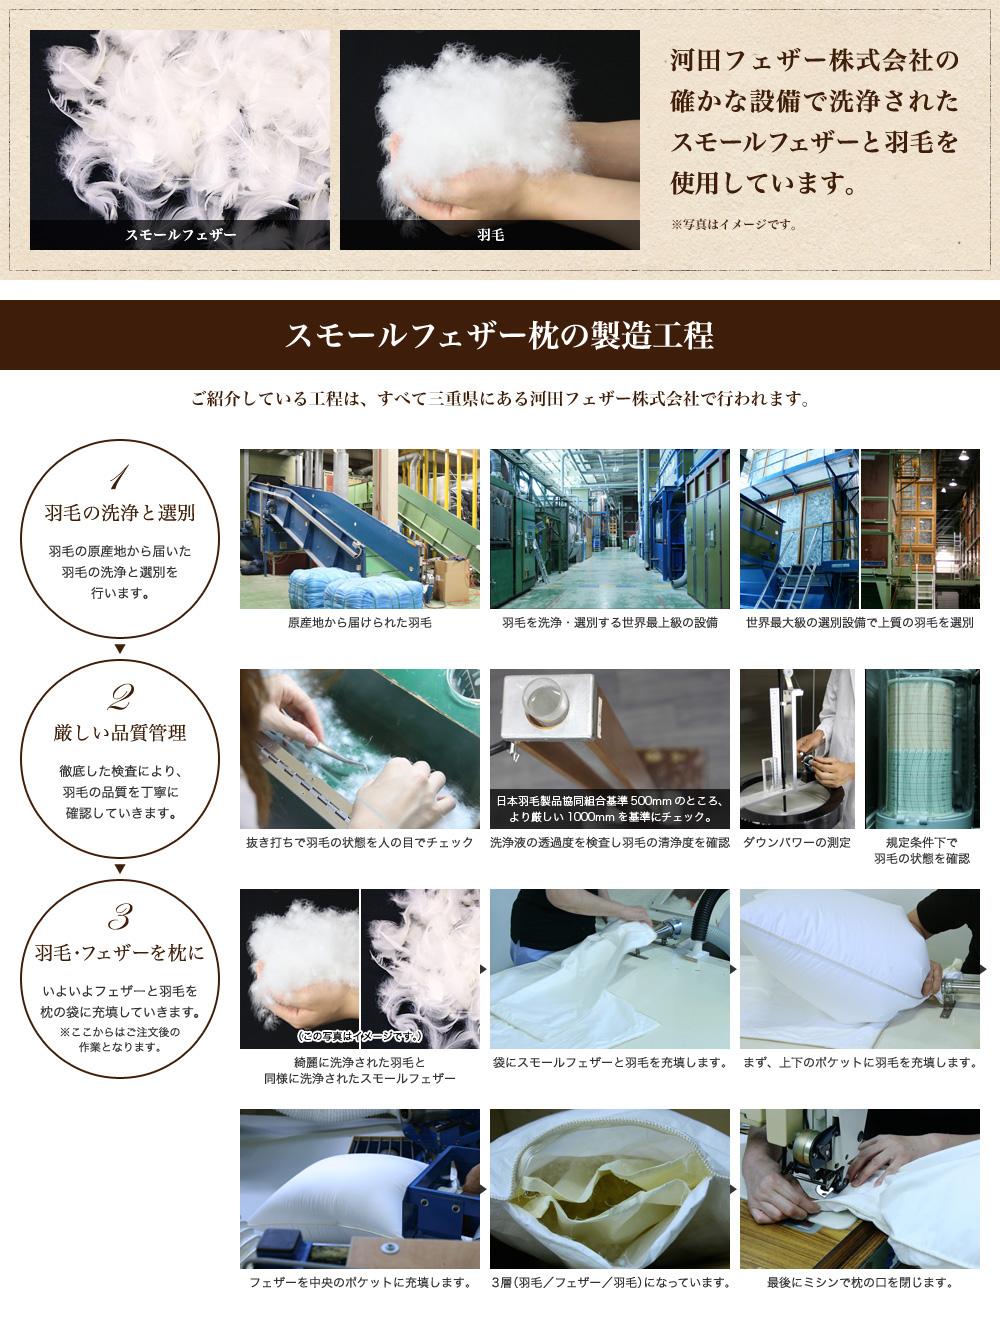 枕の製造工程